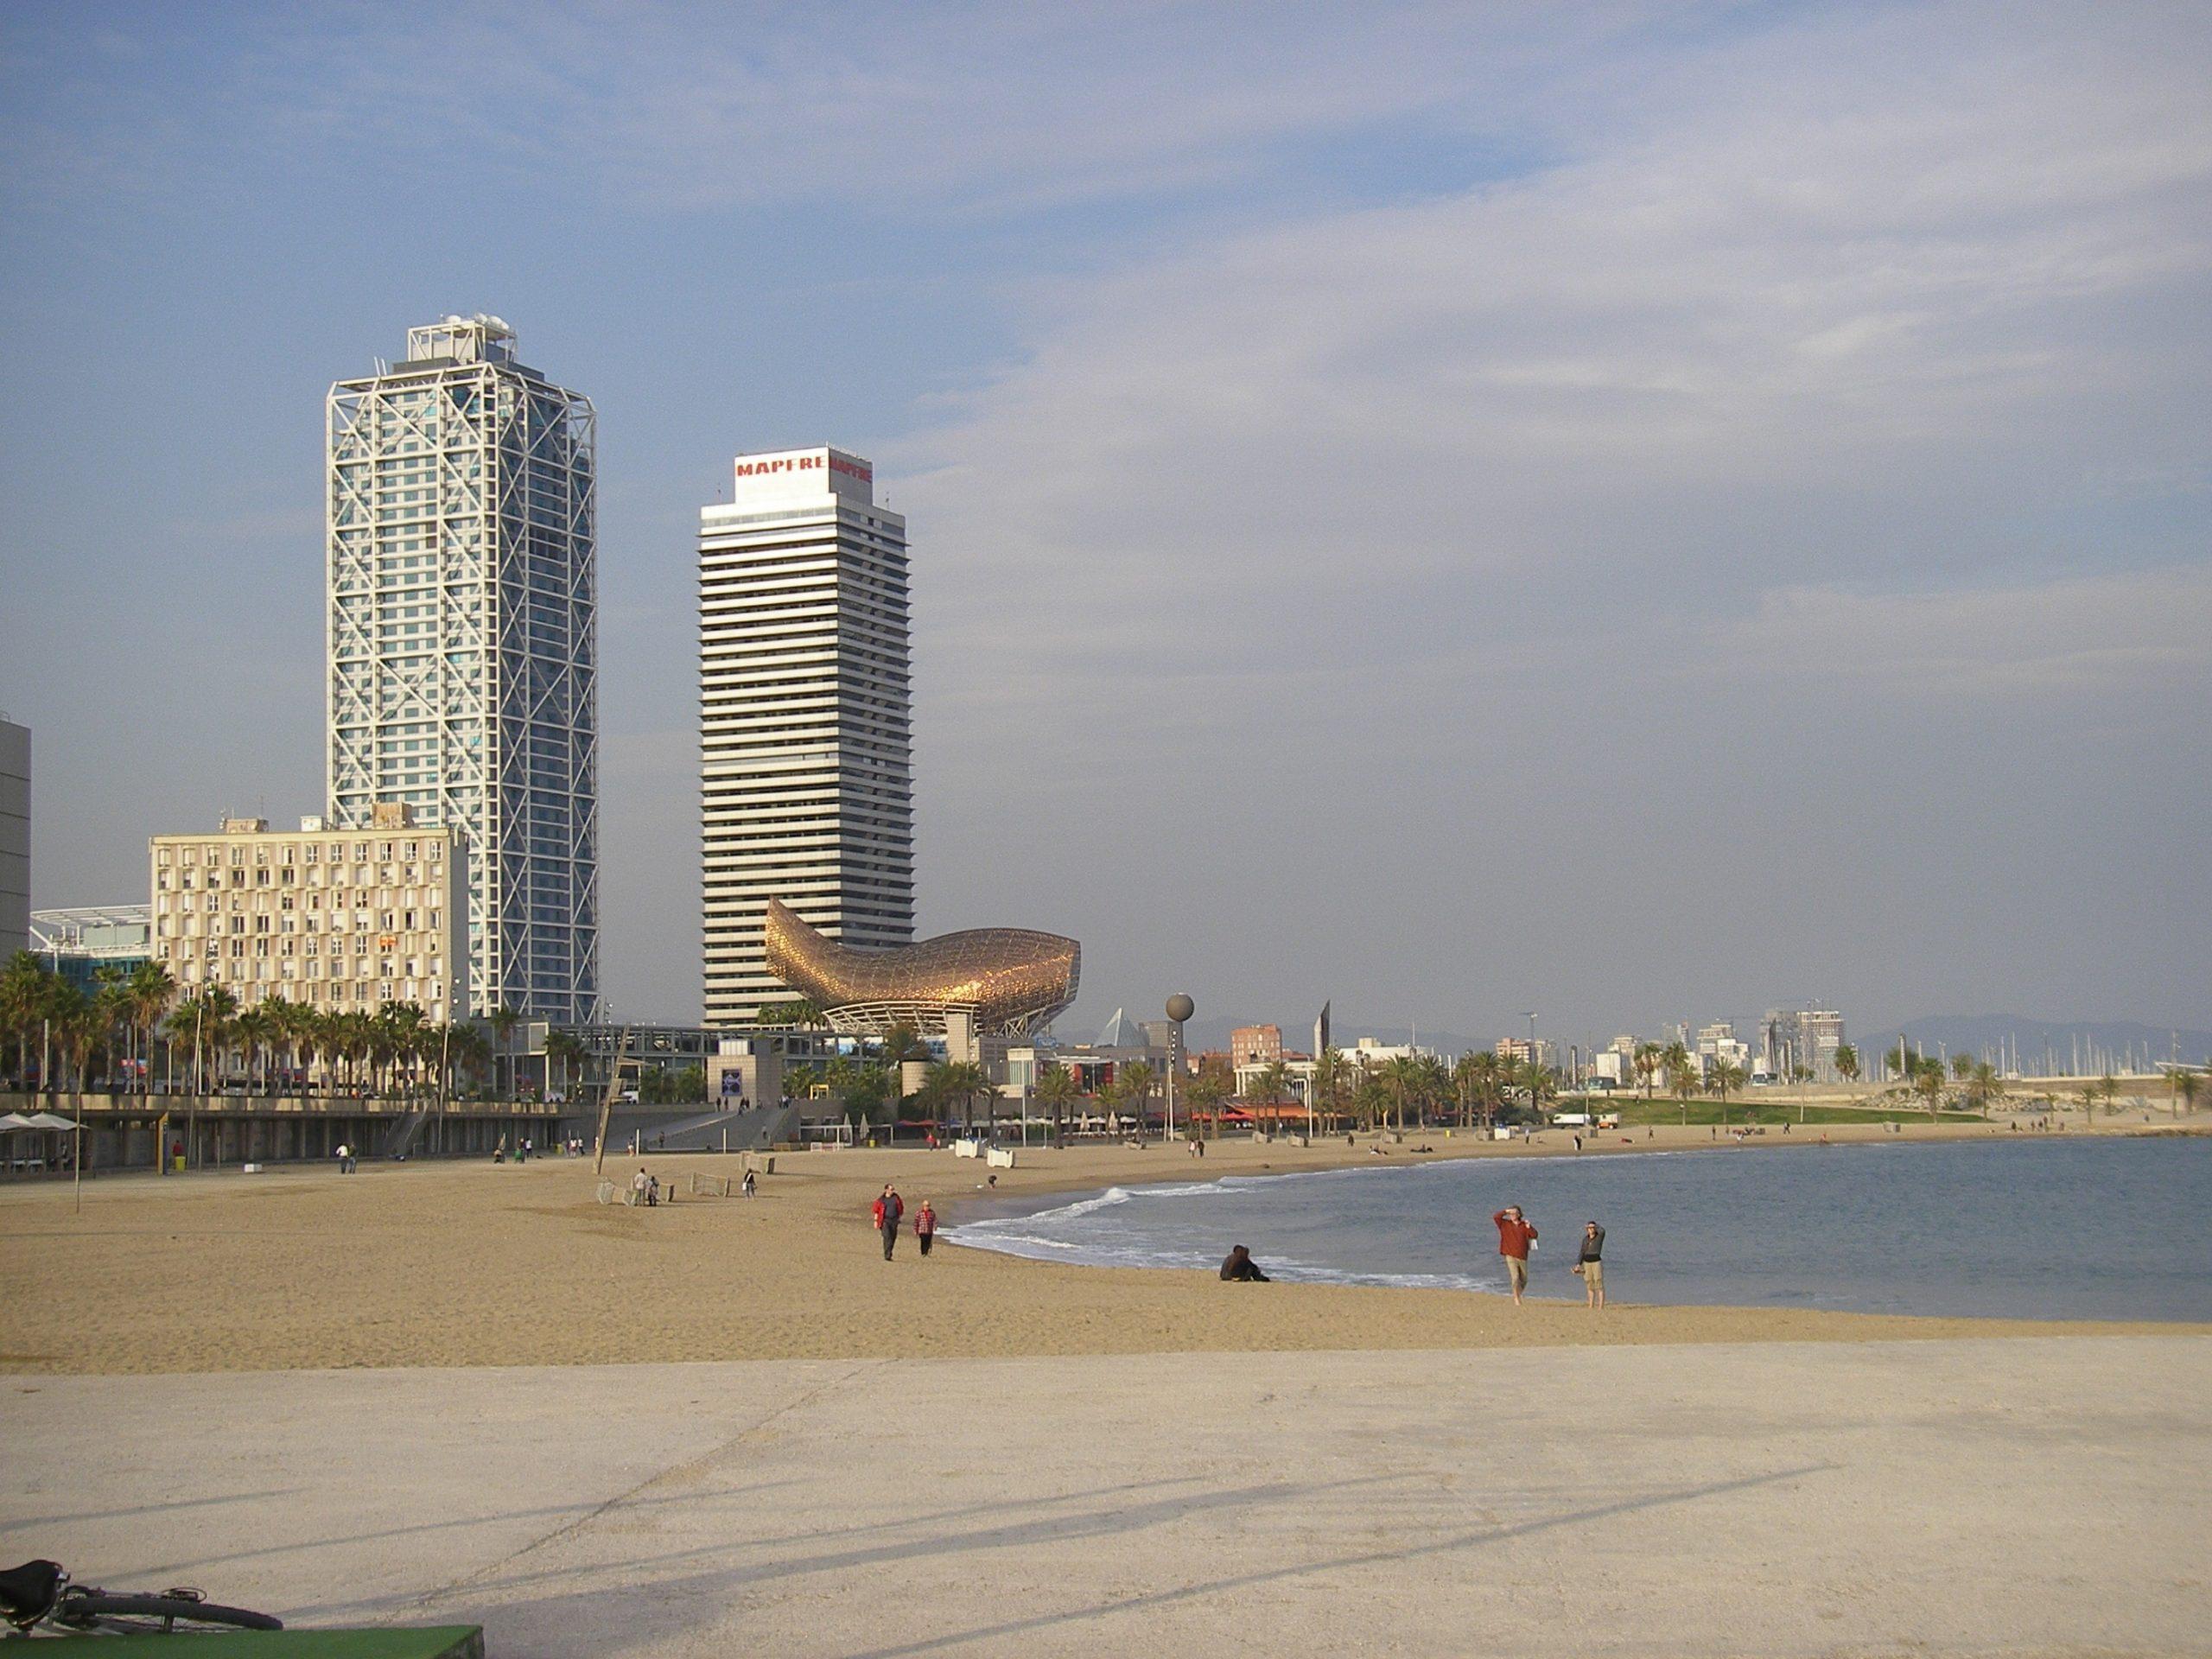 Immer mehr ausländische Badegäste erleben Barcelona unten ohne: 853 Diebstähle hat die Polizei in Barcelona von April bis Oktober am Strand verzeichnet.